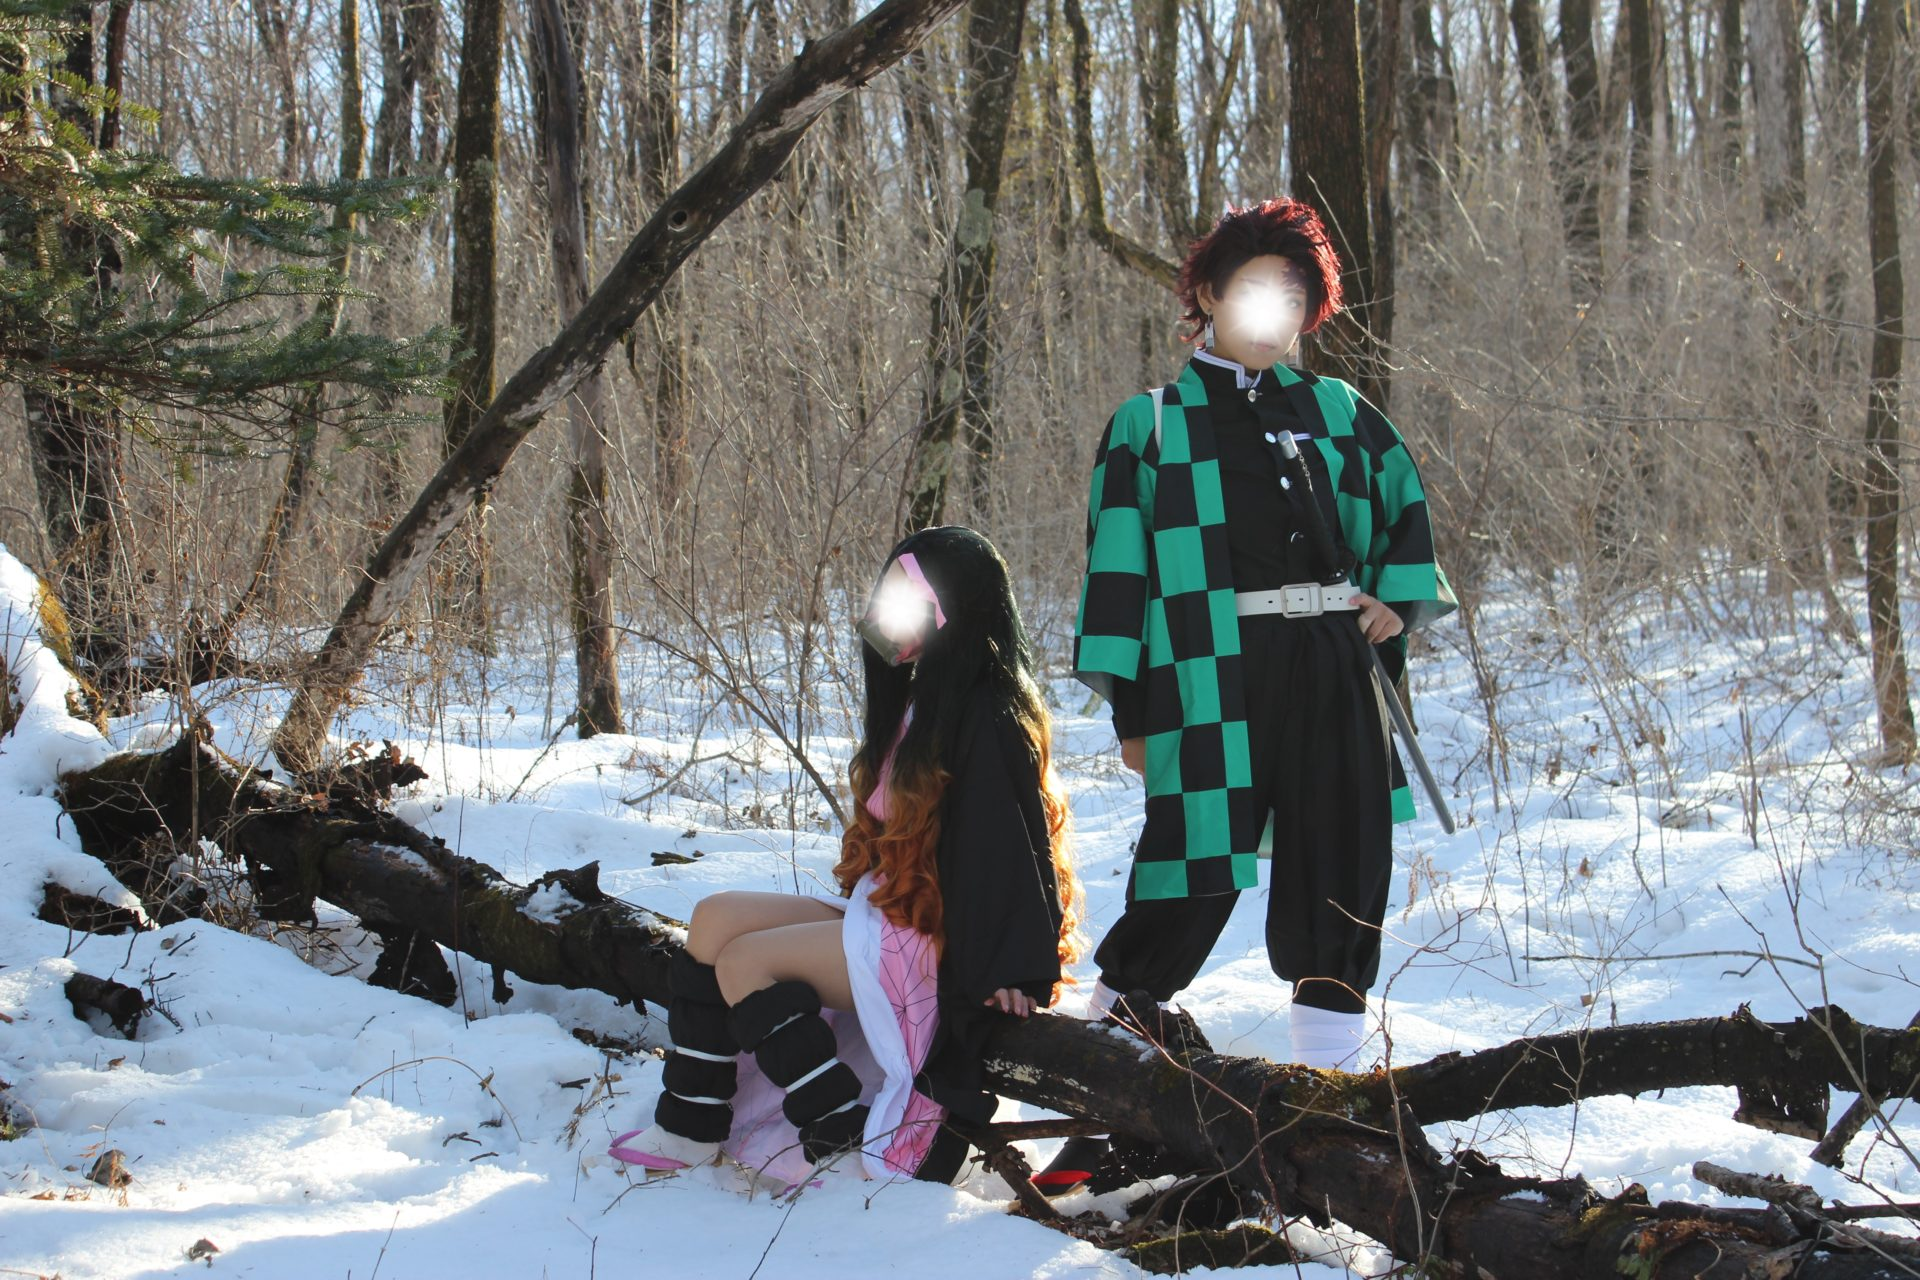 コスプレ雪ロケ撮影作品「鬼滅の刃」